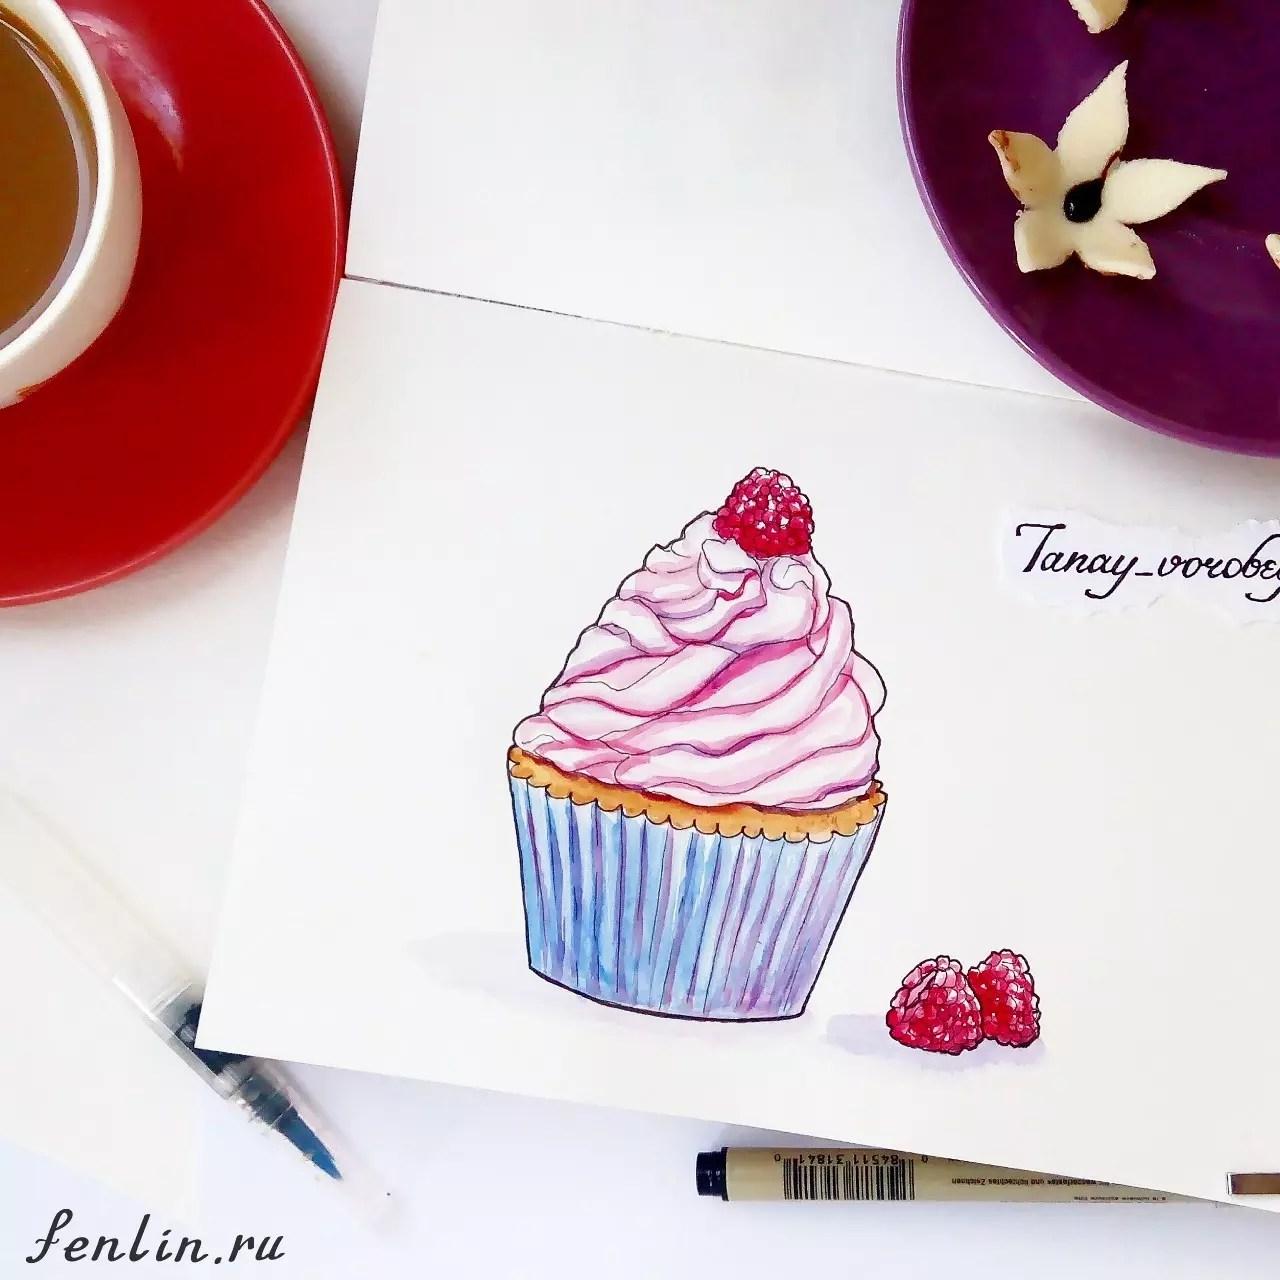 Цветной натюрморт карандашом пироженное - Fenlin.ru